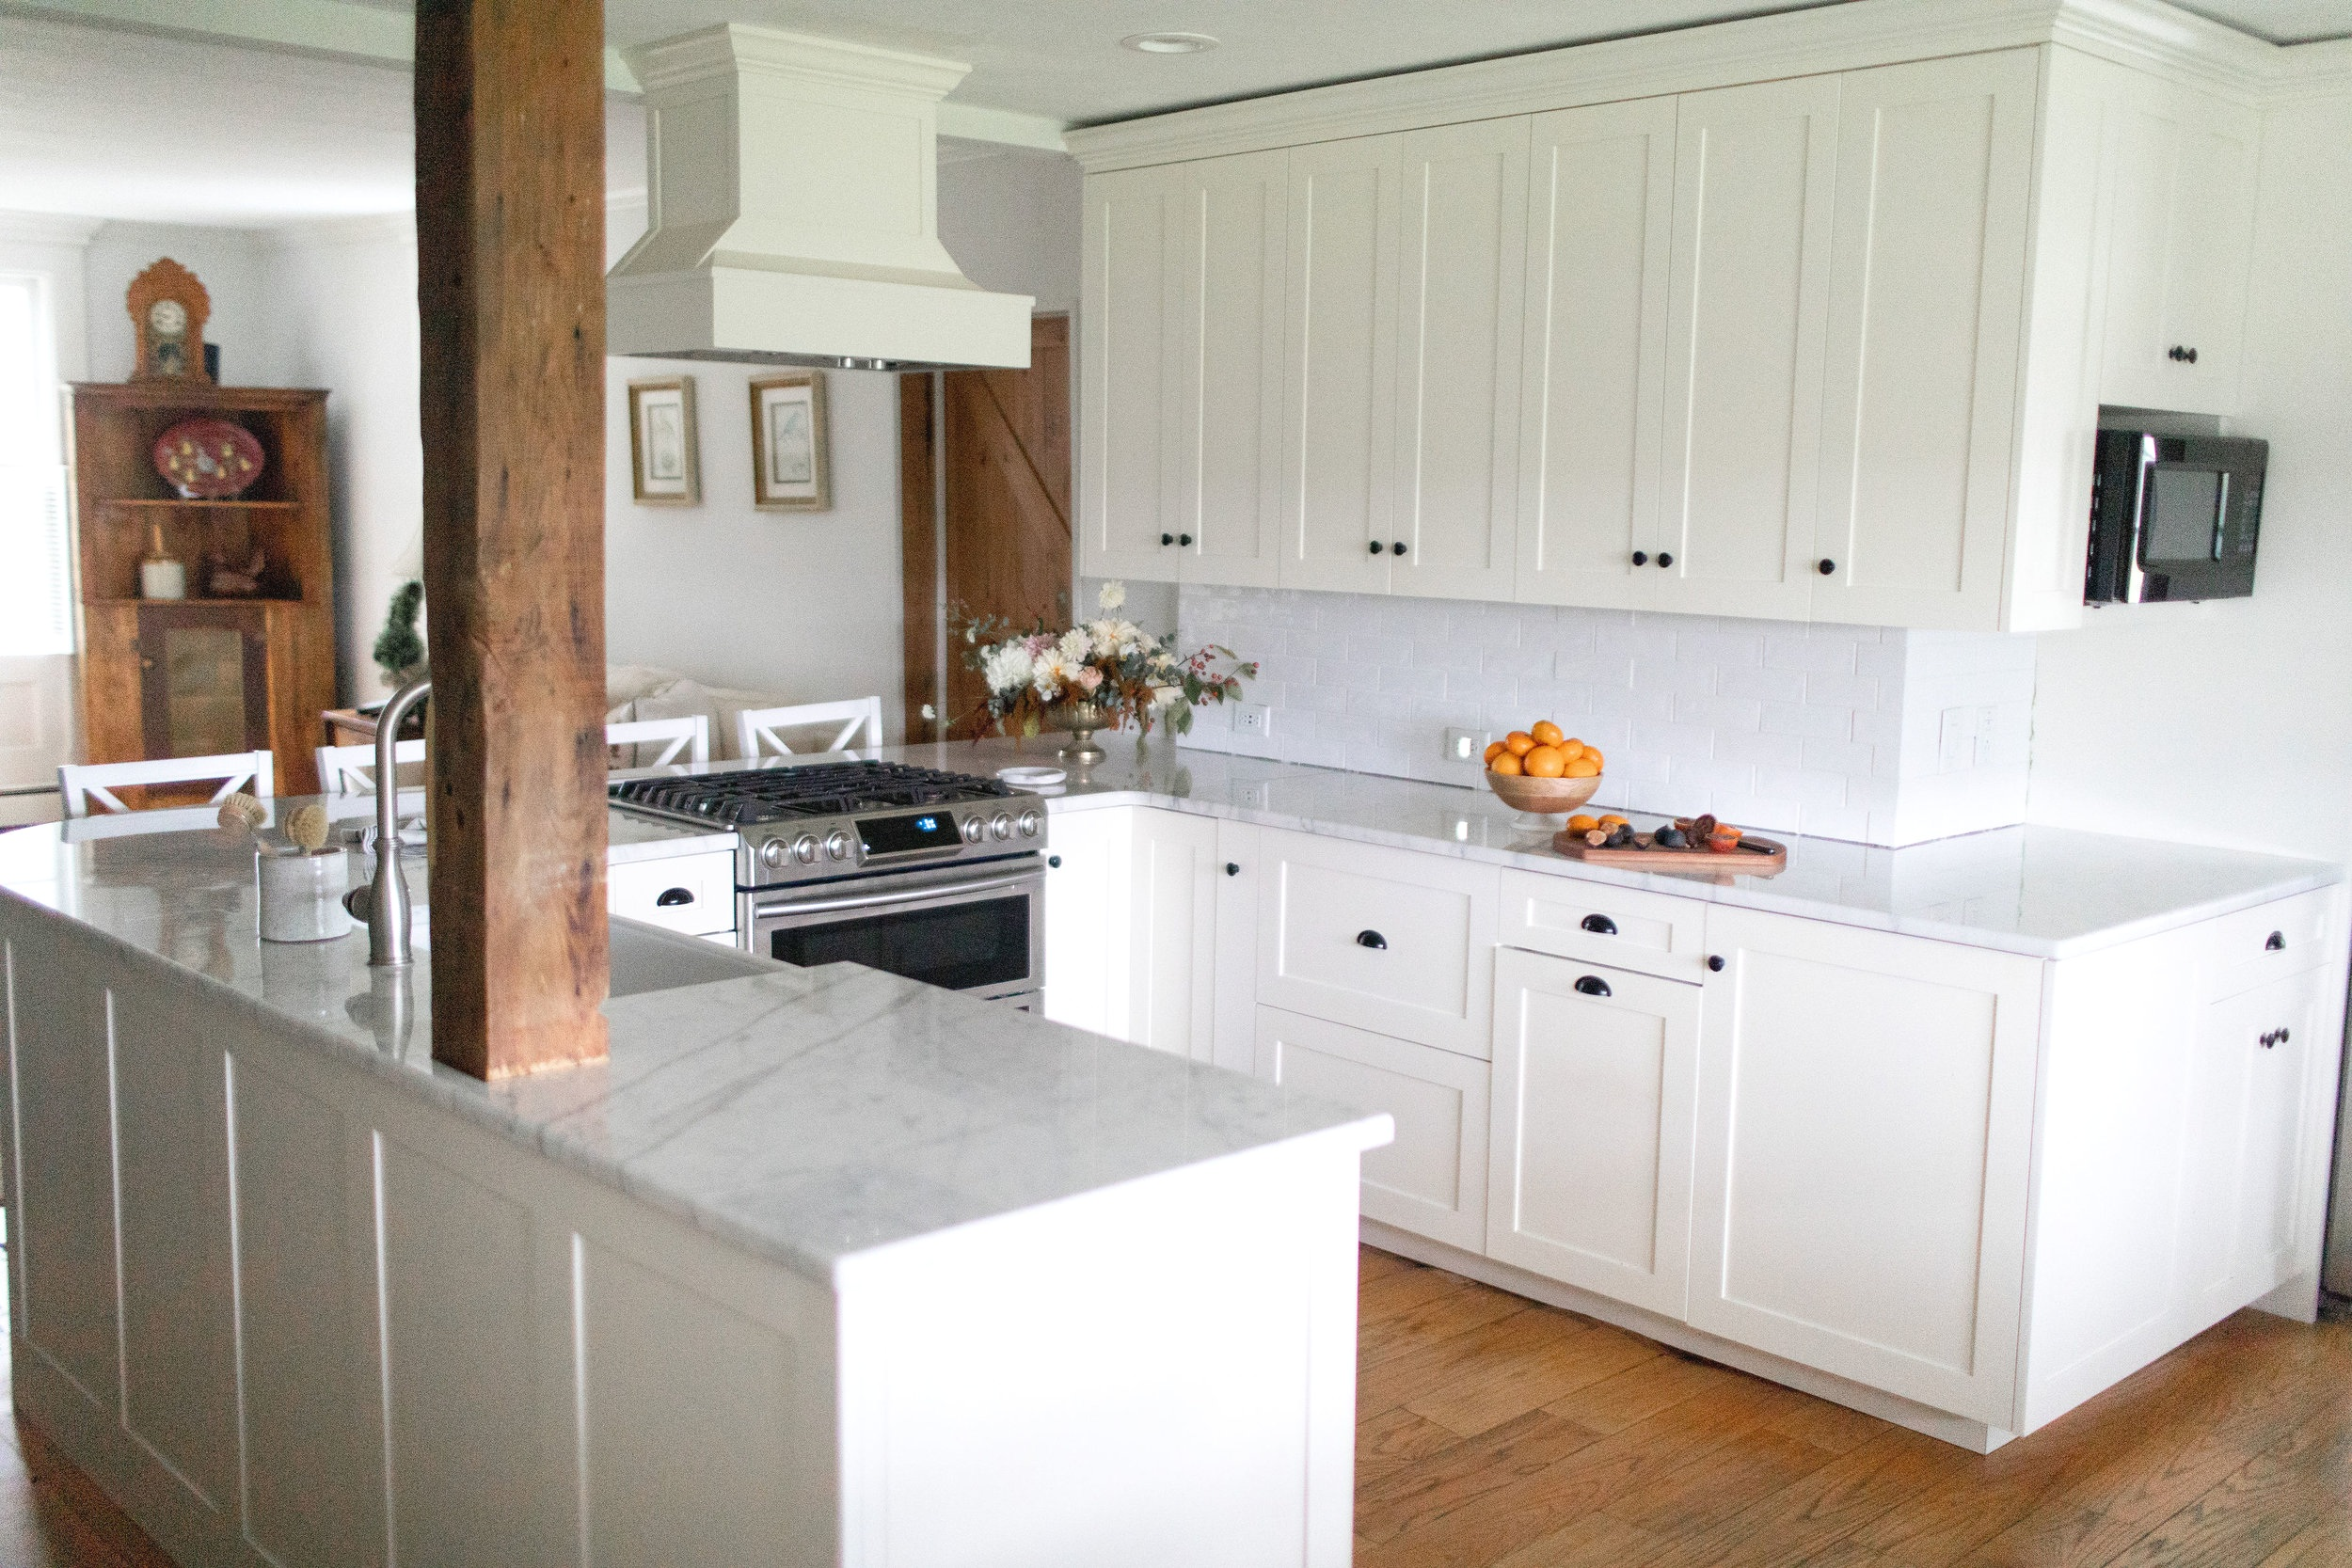 Small u shaped kitchen remodel idea Skaneateles interior designer